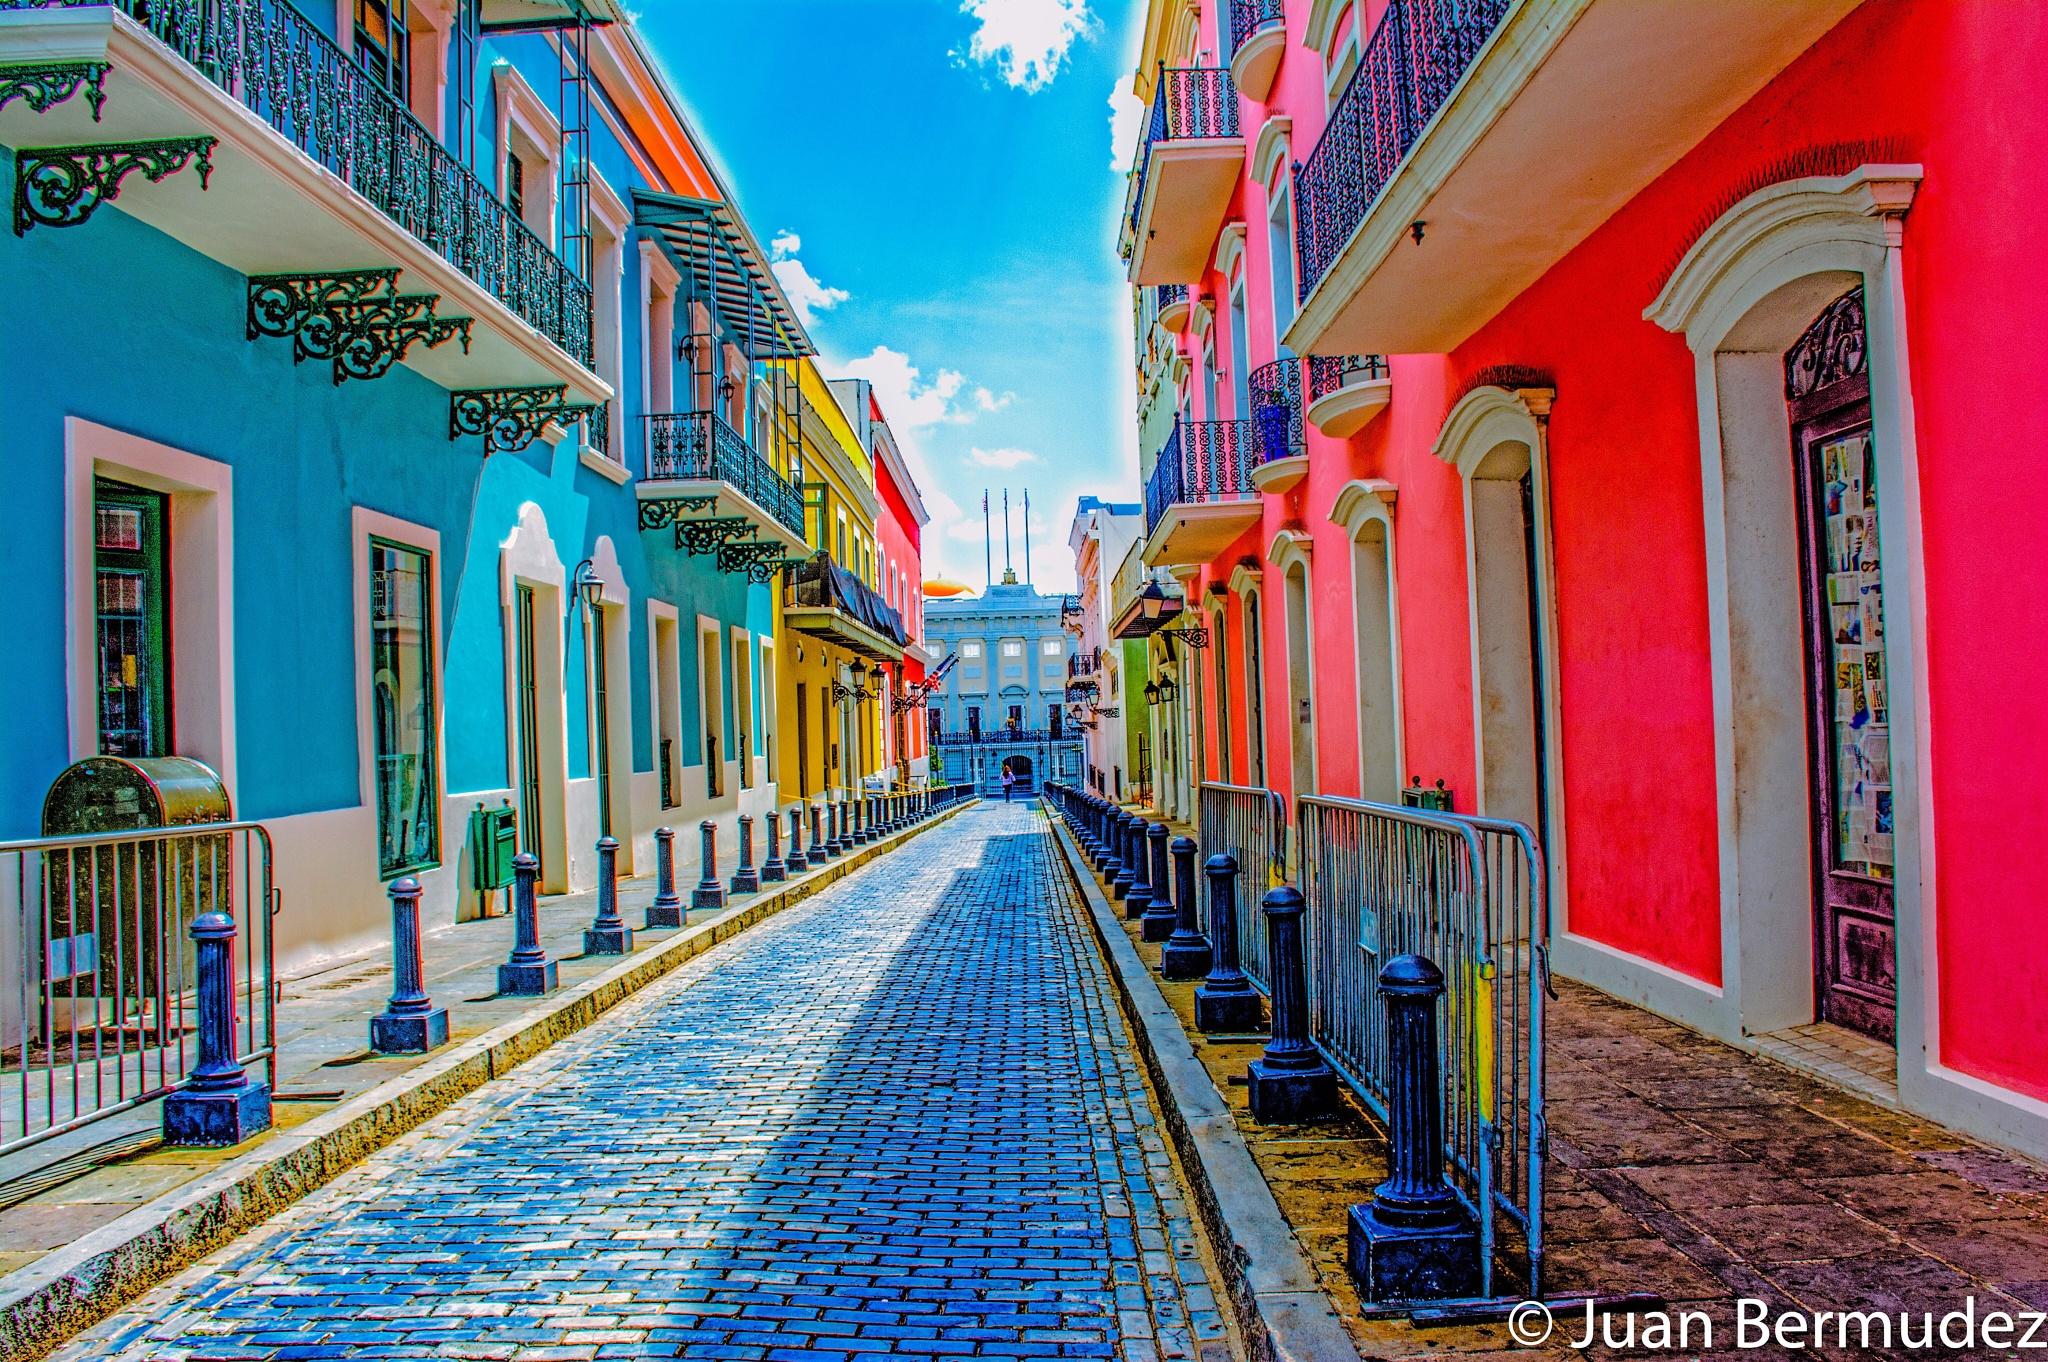 Old San Juan by Juan Bermudez